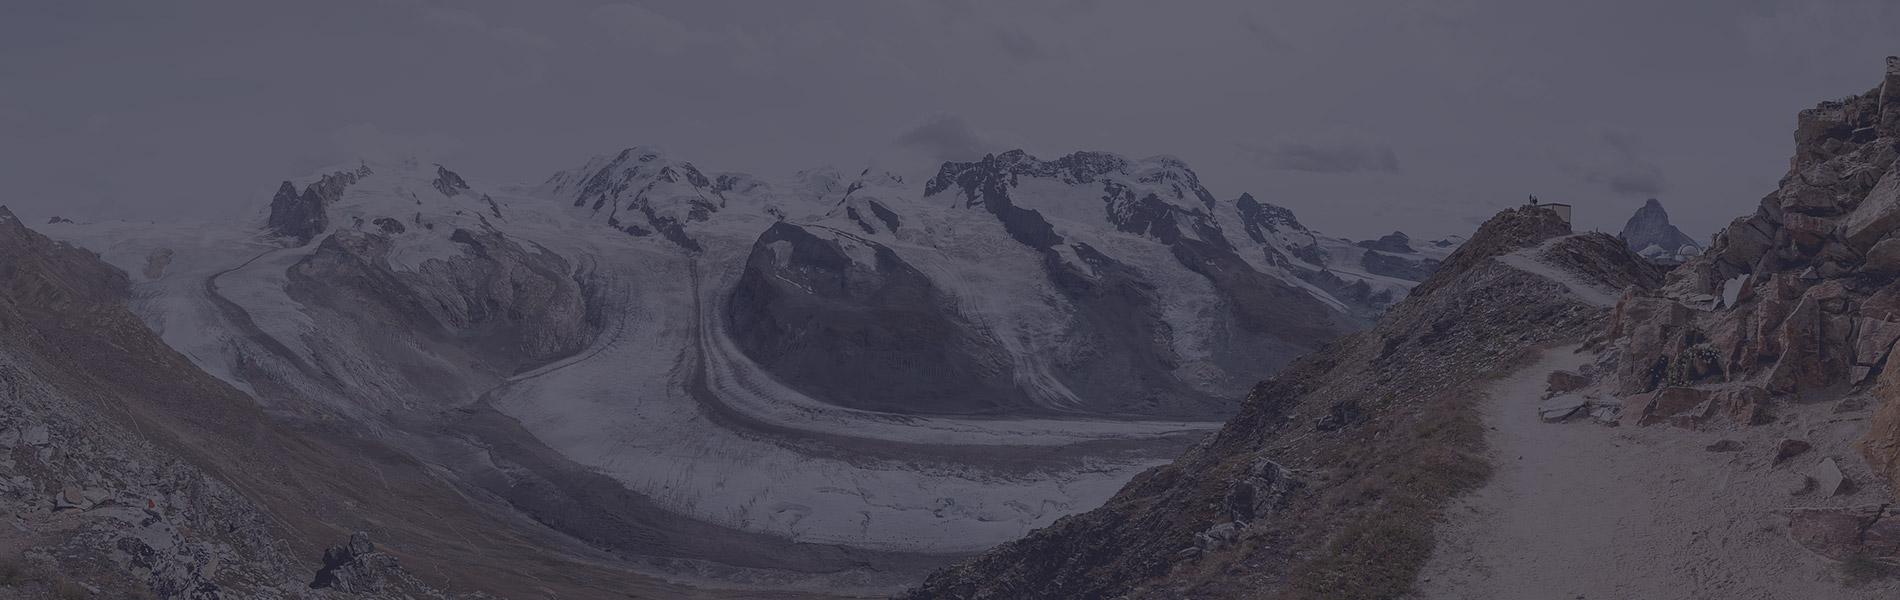 Spectacular Matterhorn